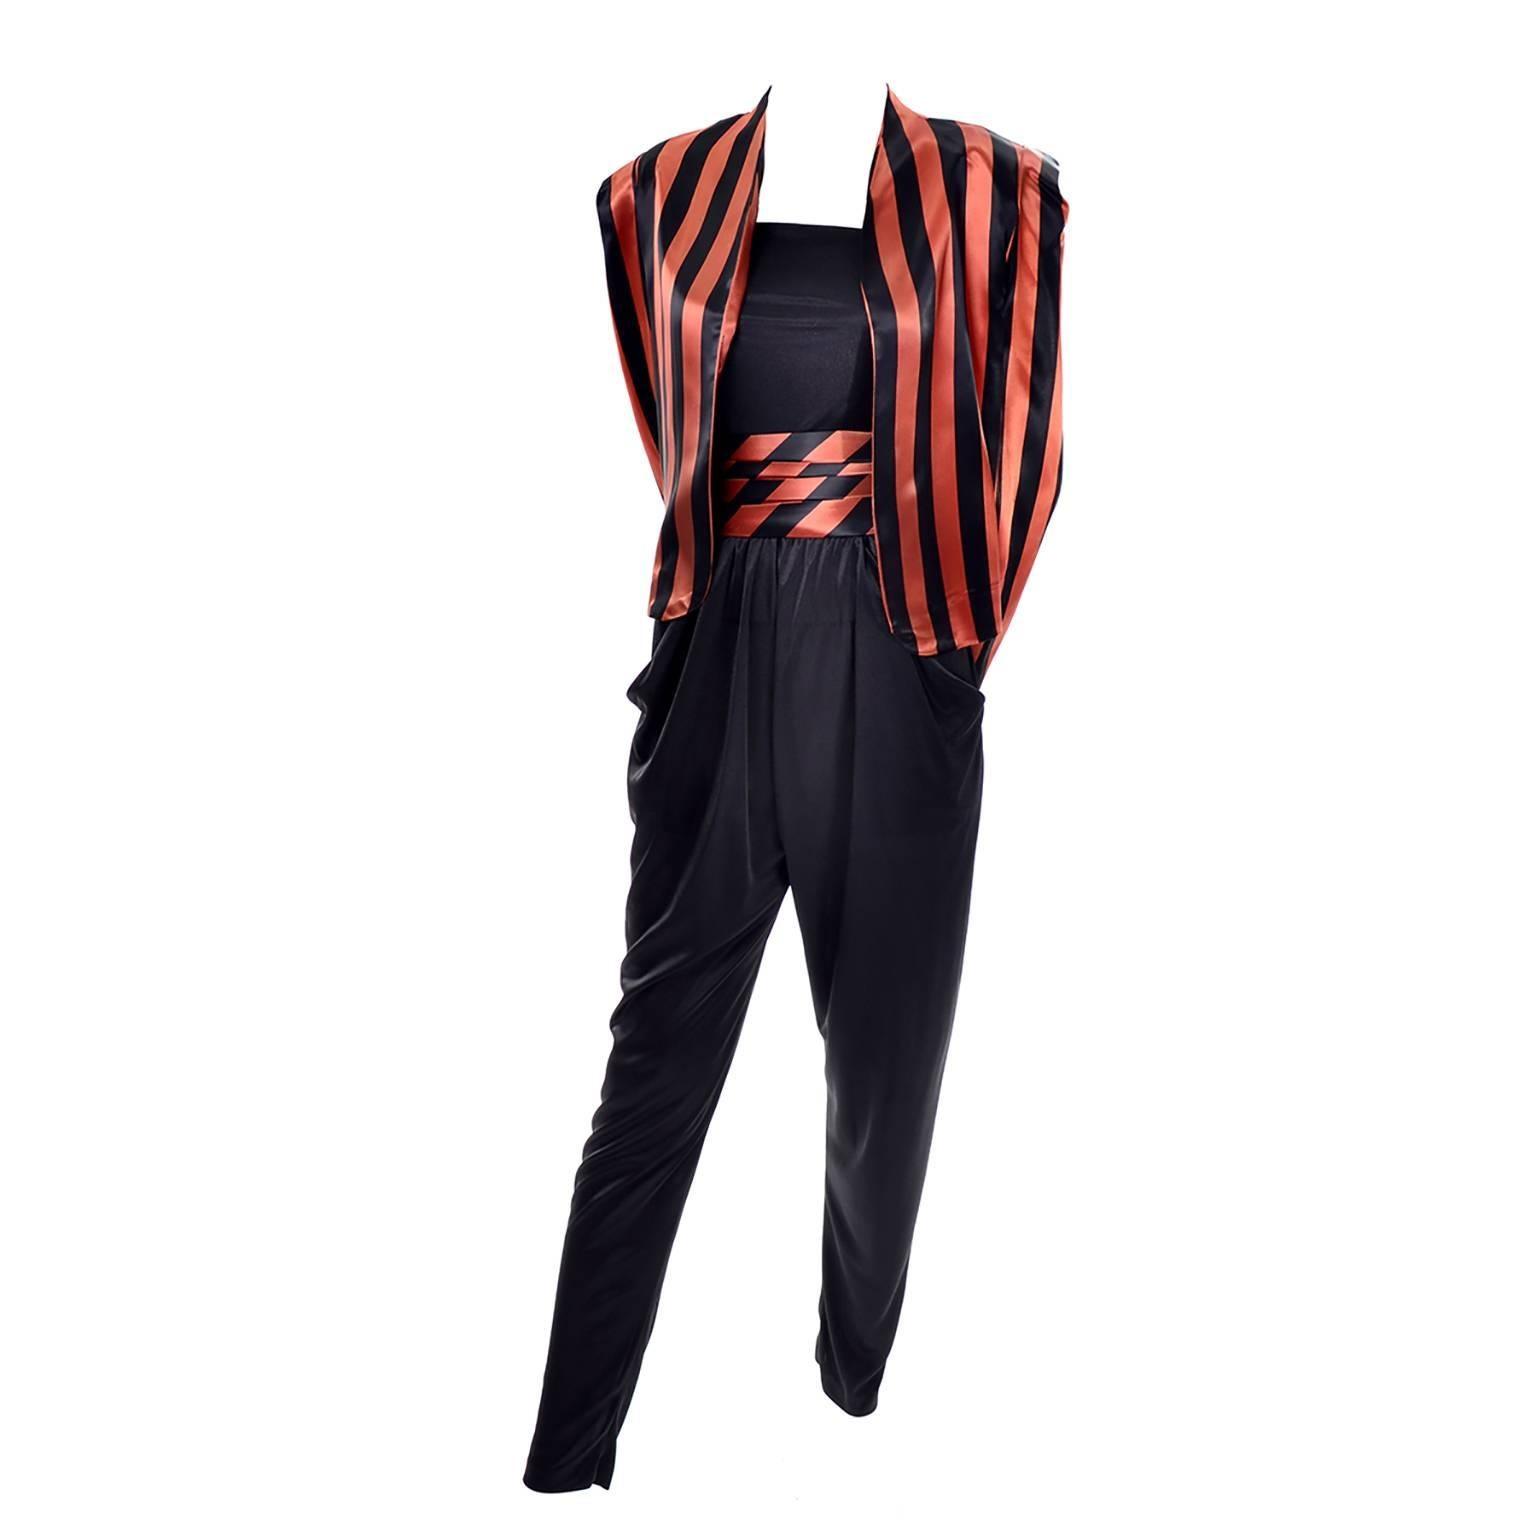 Orange / Black Vintage Halloween Jumpsuit Striped Satin Jacket & Cummerbund